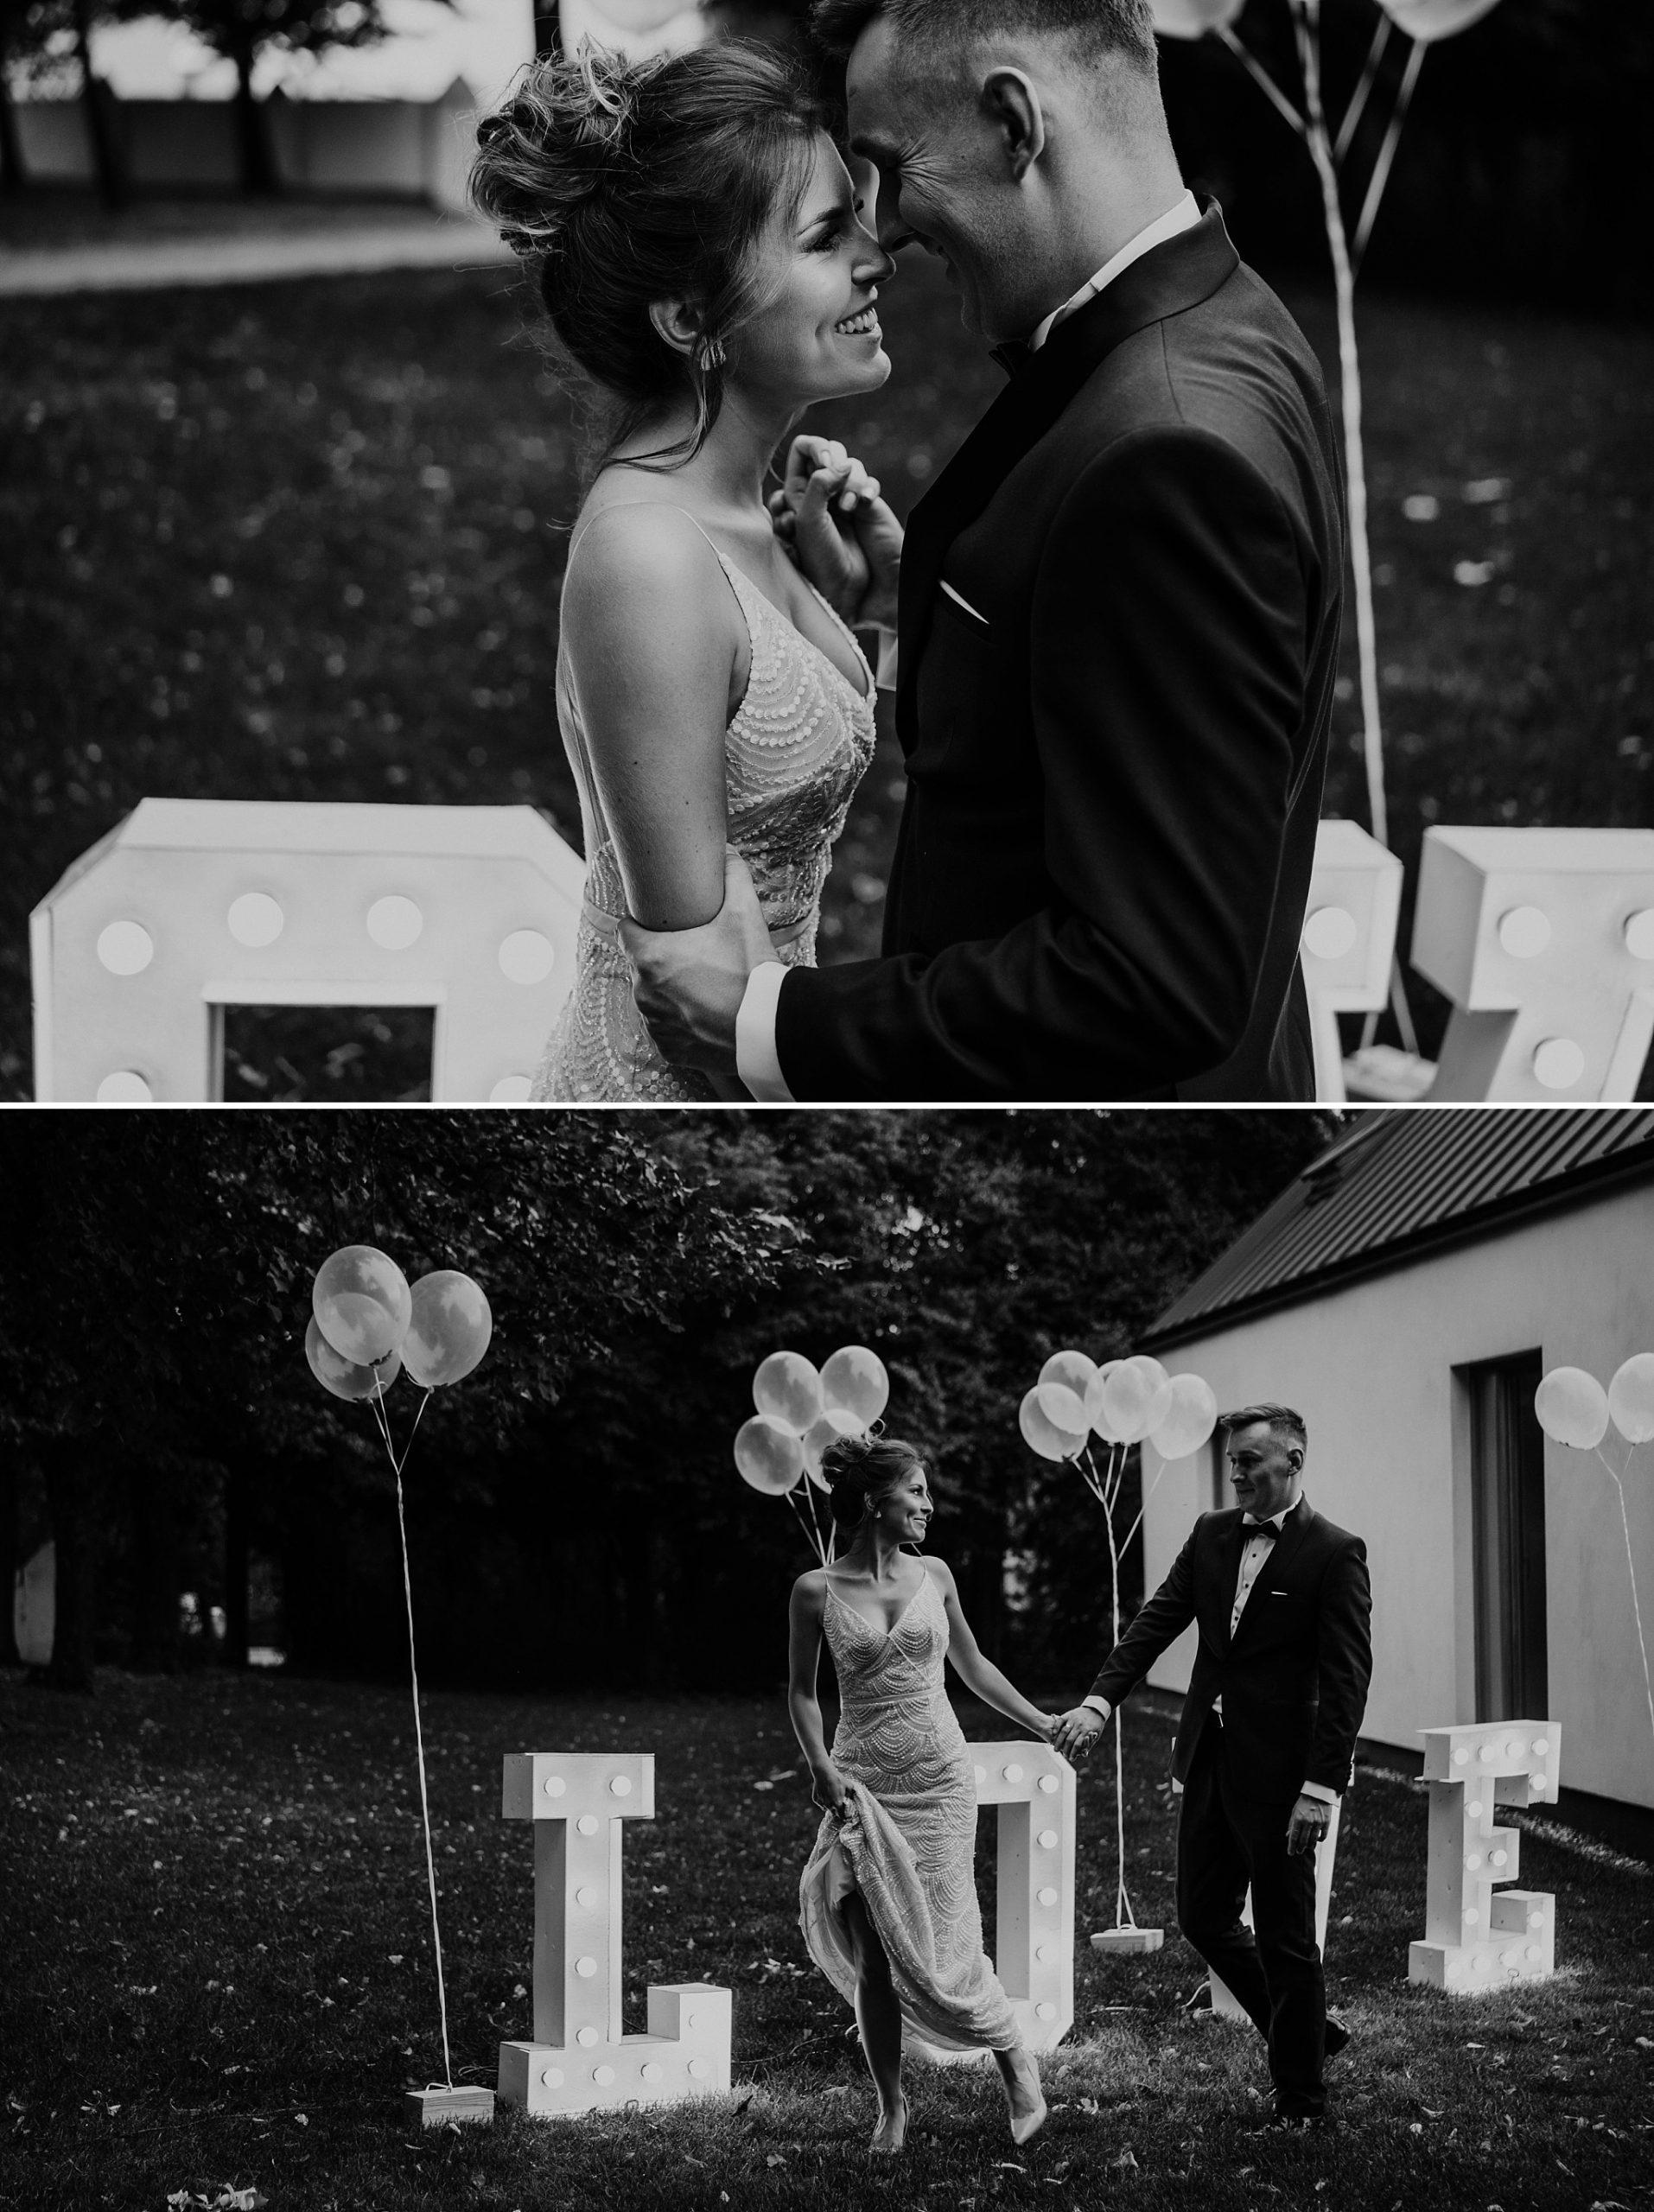 fotograf poznan wesele dobra truskawka piekne wesele pod poznaniem wesele w dobrej truskawce piekna para mloda slub marzen slub koronawirus slub listopad wesele koronawirus 342 scaled